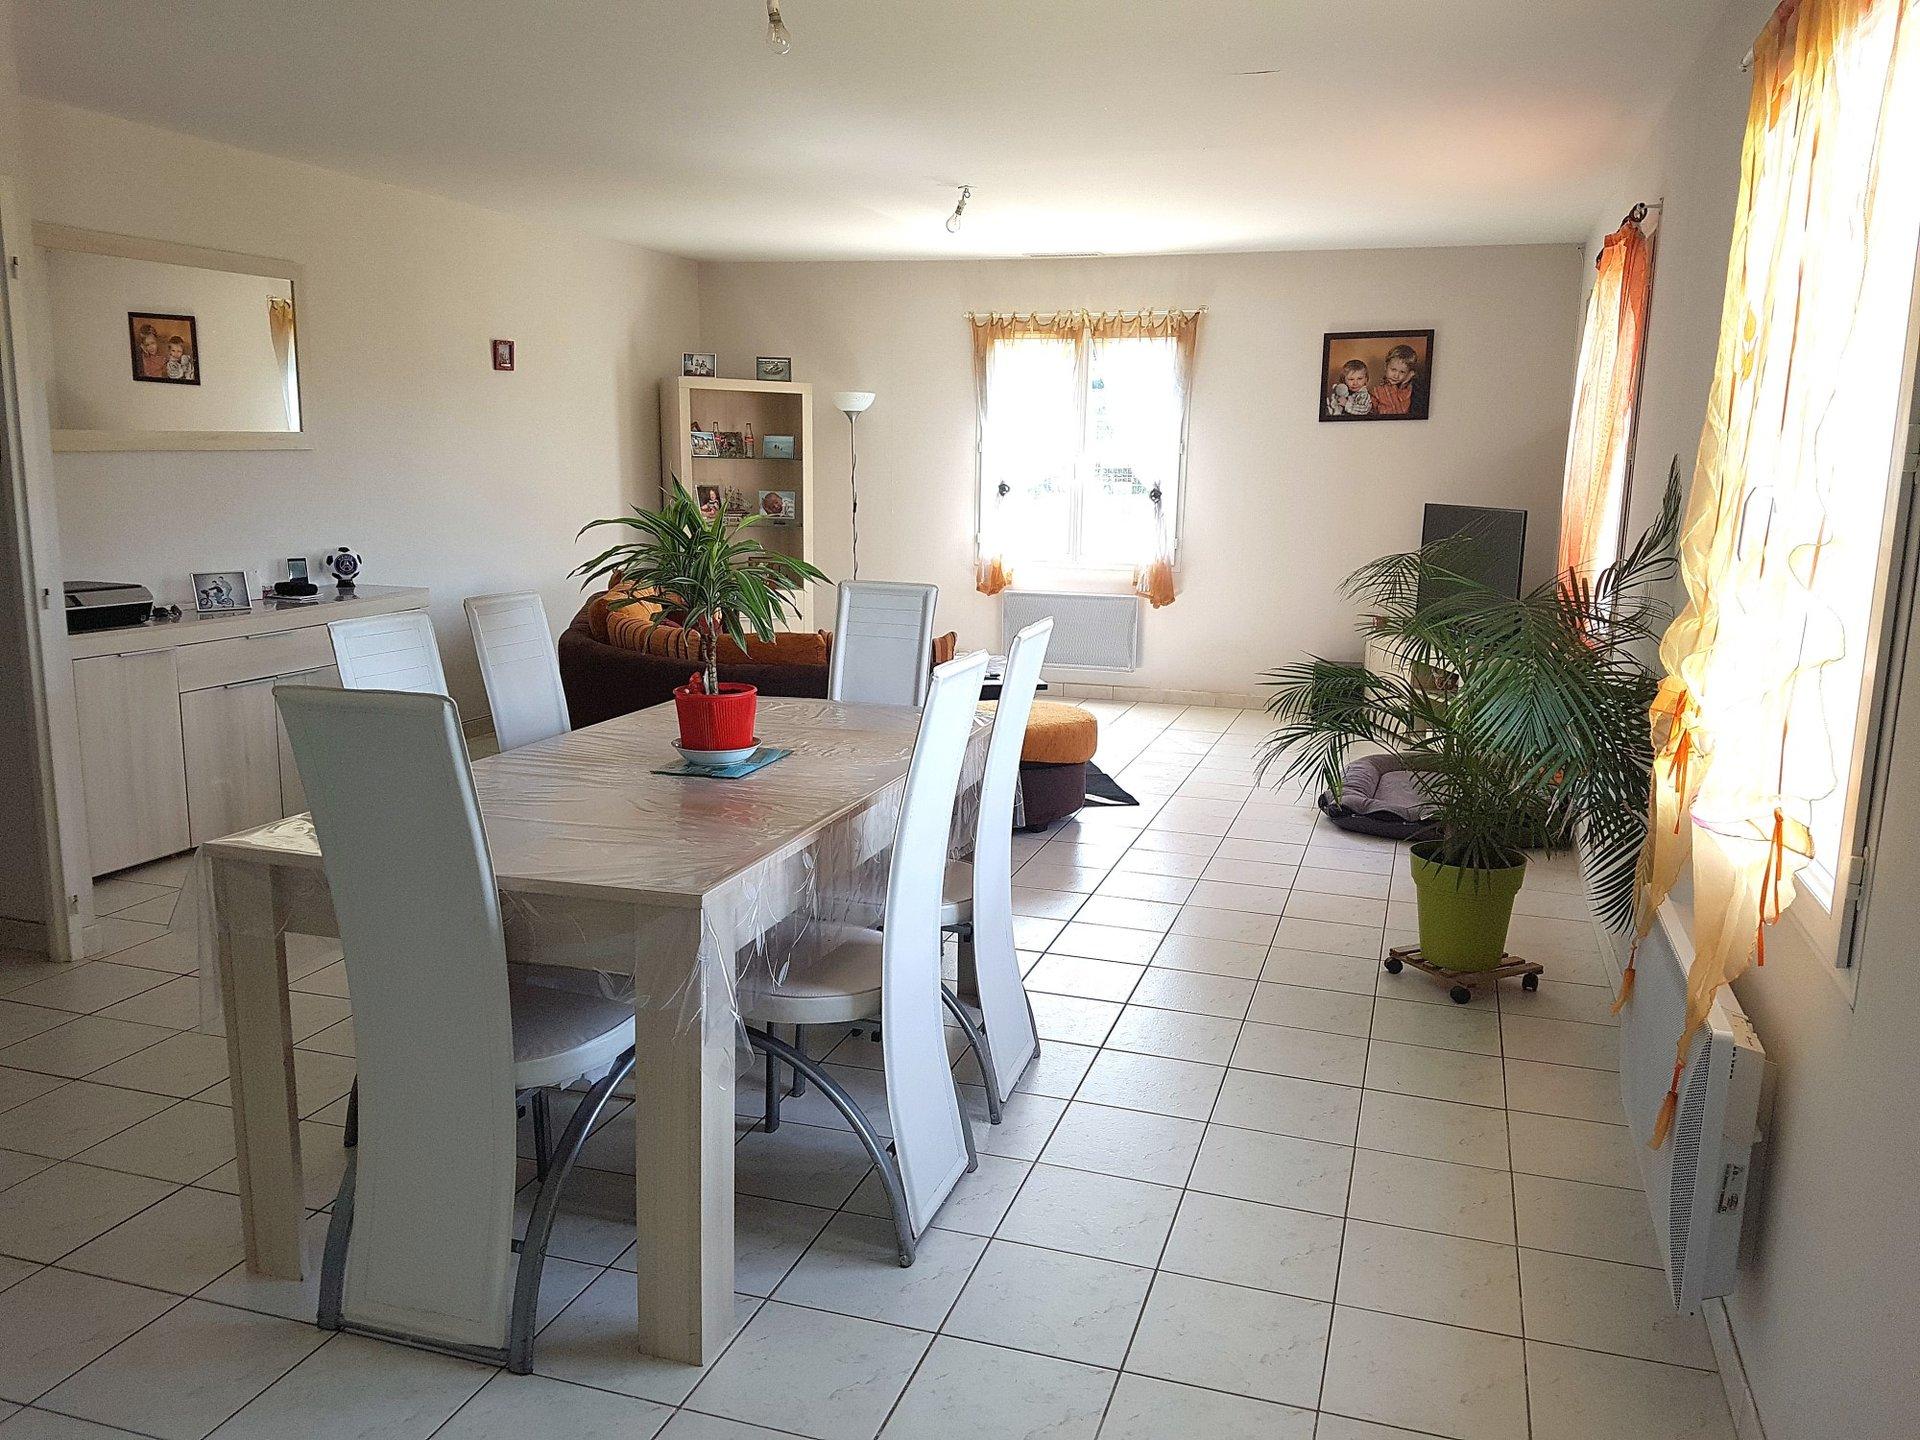 La Brenne, Indre 36: maison recente et terrain constructible